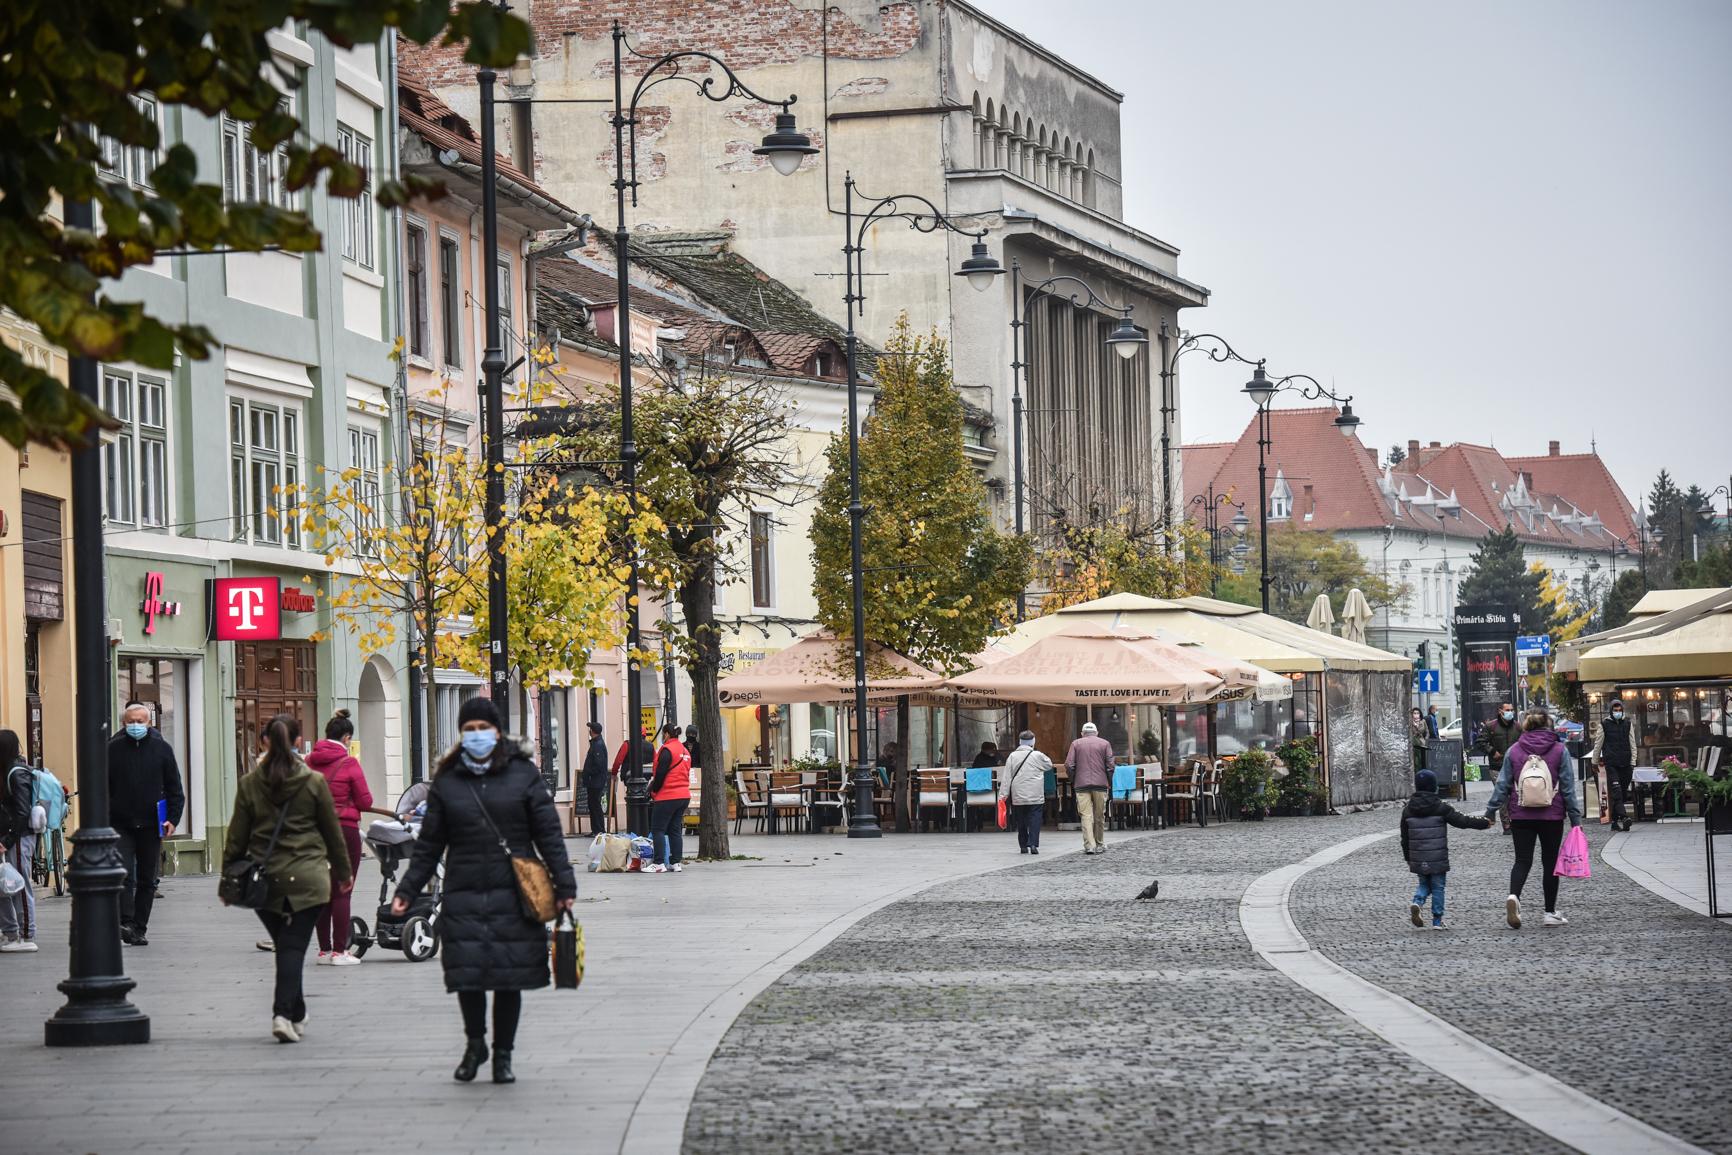 Puțin peste 9000 de cazuri în țară, la Sibiu iar crește numărul infectaților